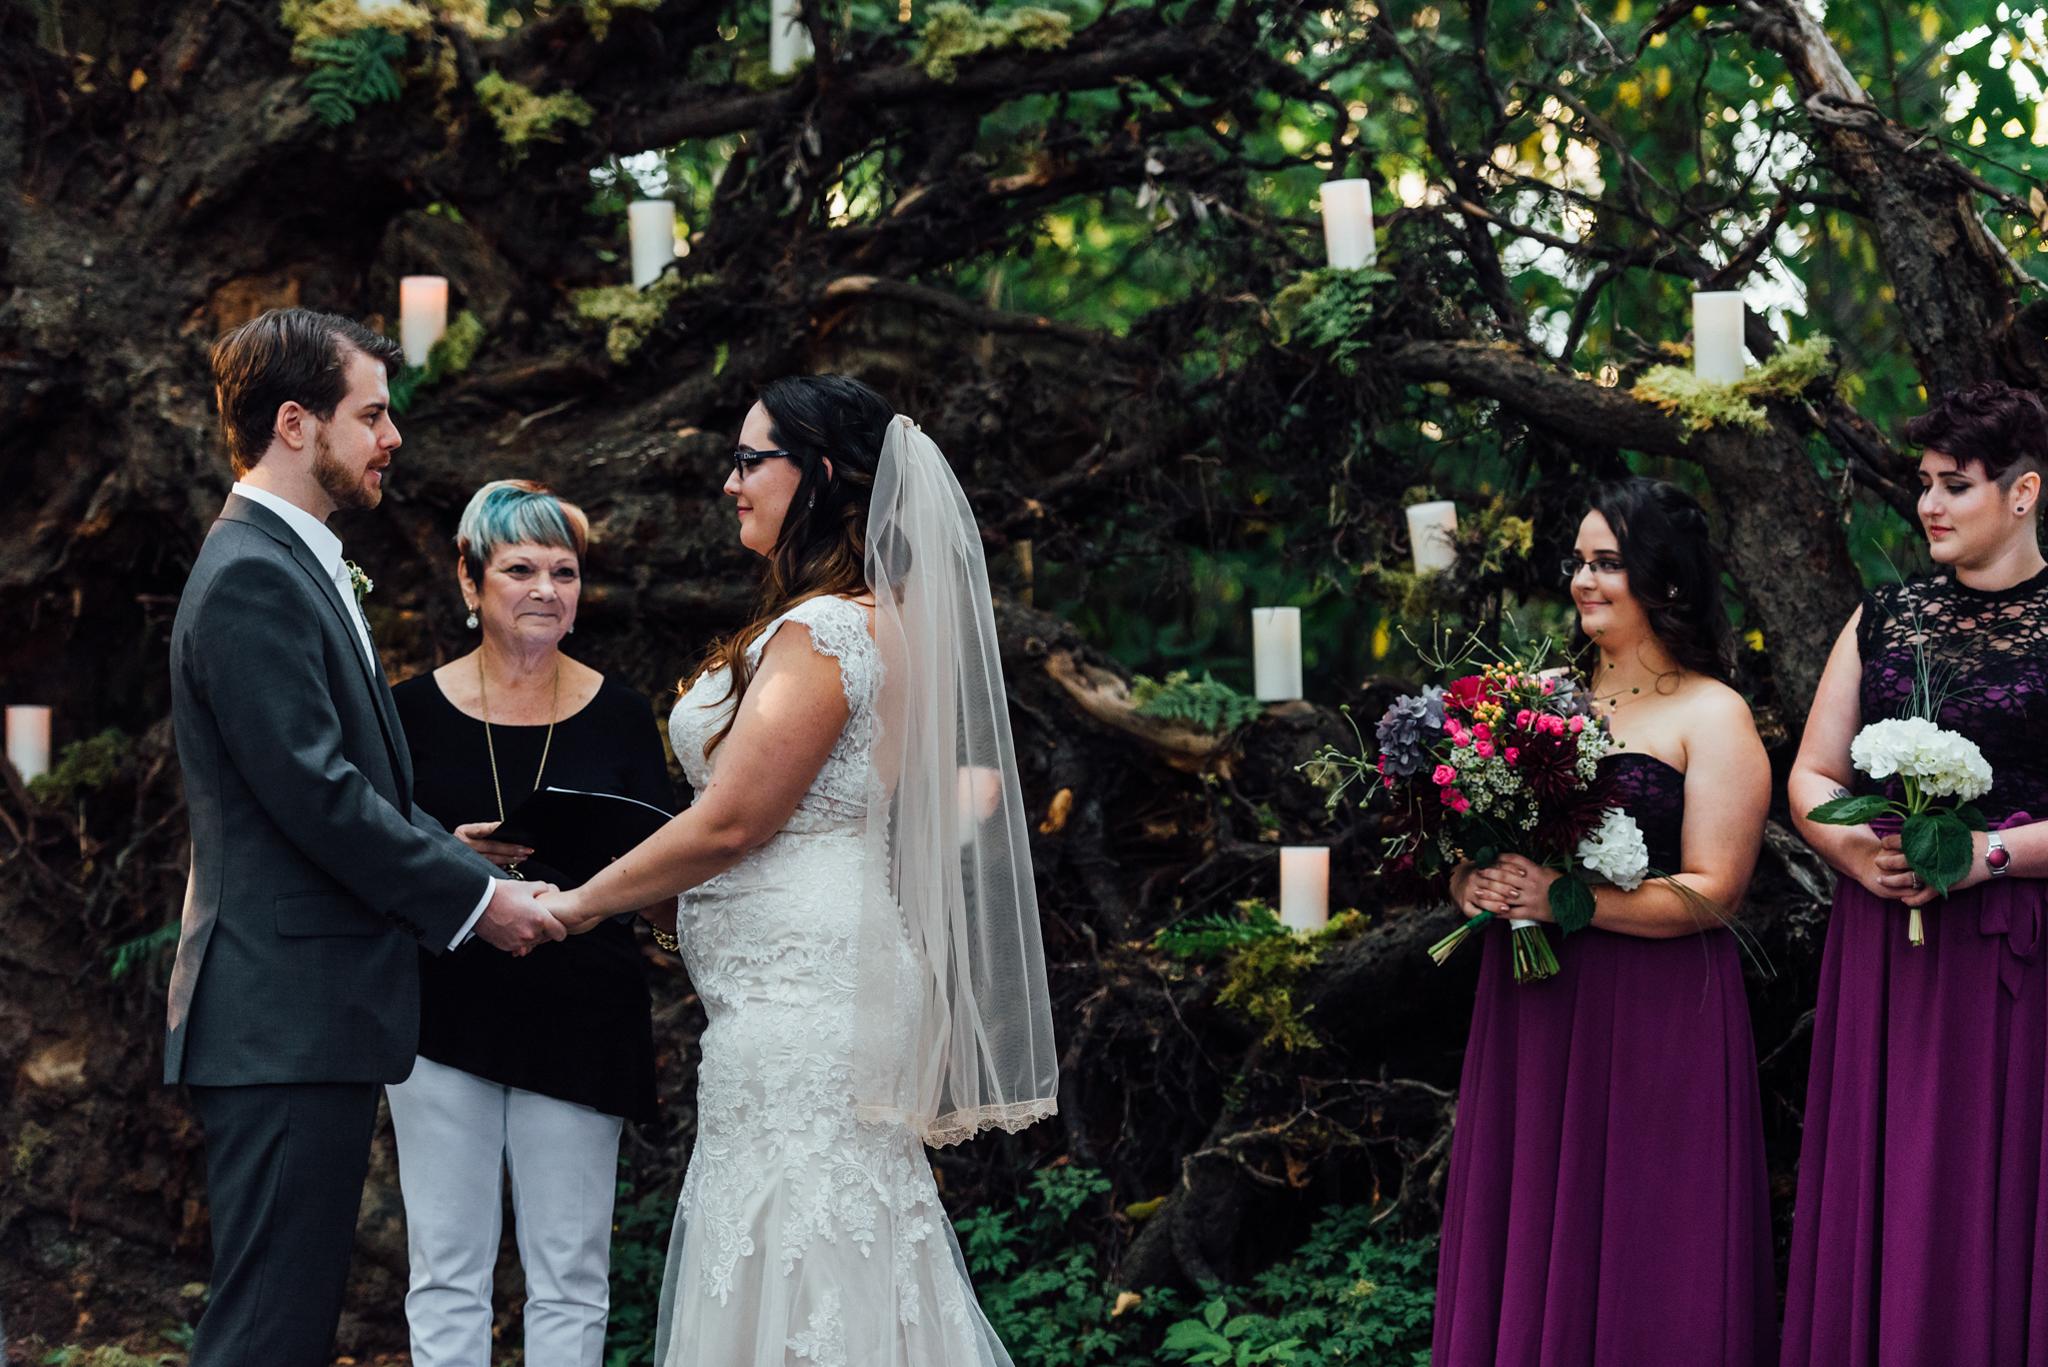 Nicola_Reiersen_Photography_Sea_Cider_Forest_Wedding (73).jpg